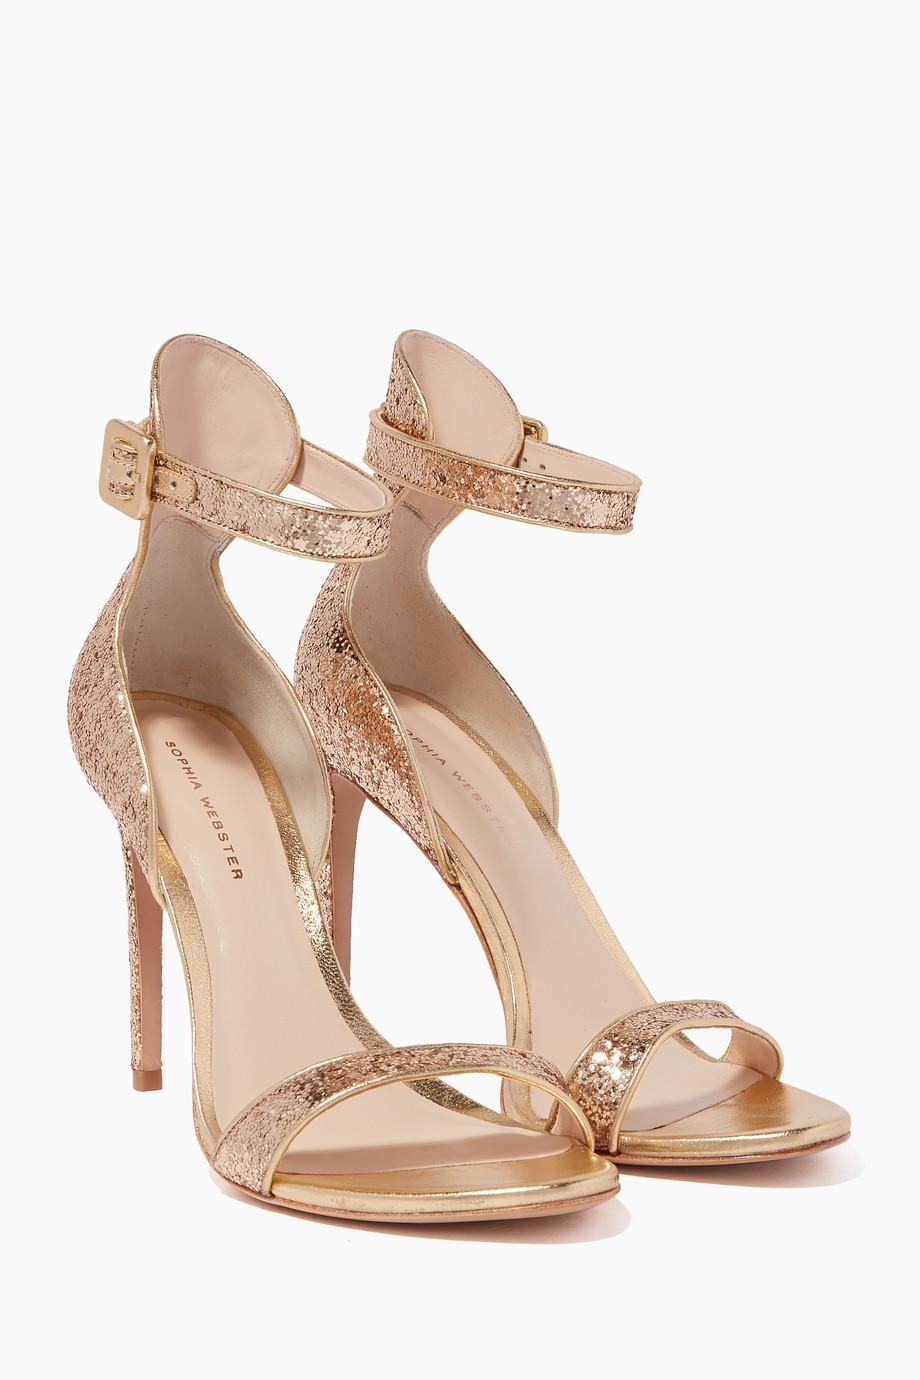 c7cad107a Shop Sophia Webster Gold Gold Glitter-Embellished Nicole Sandals for ...